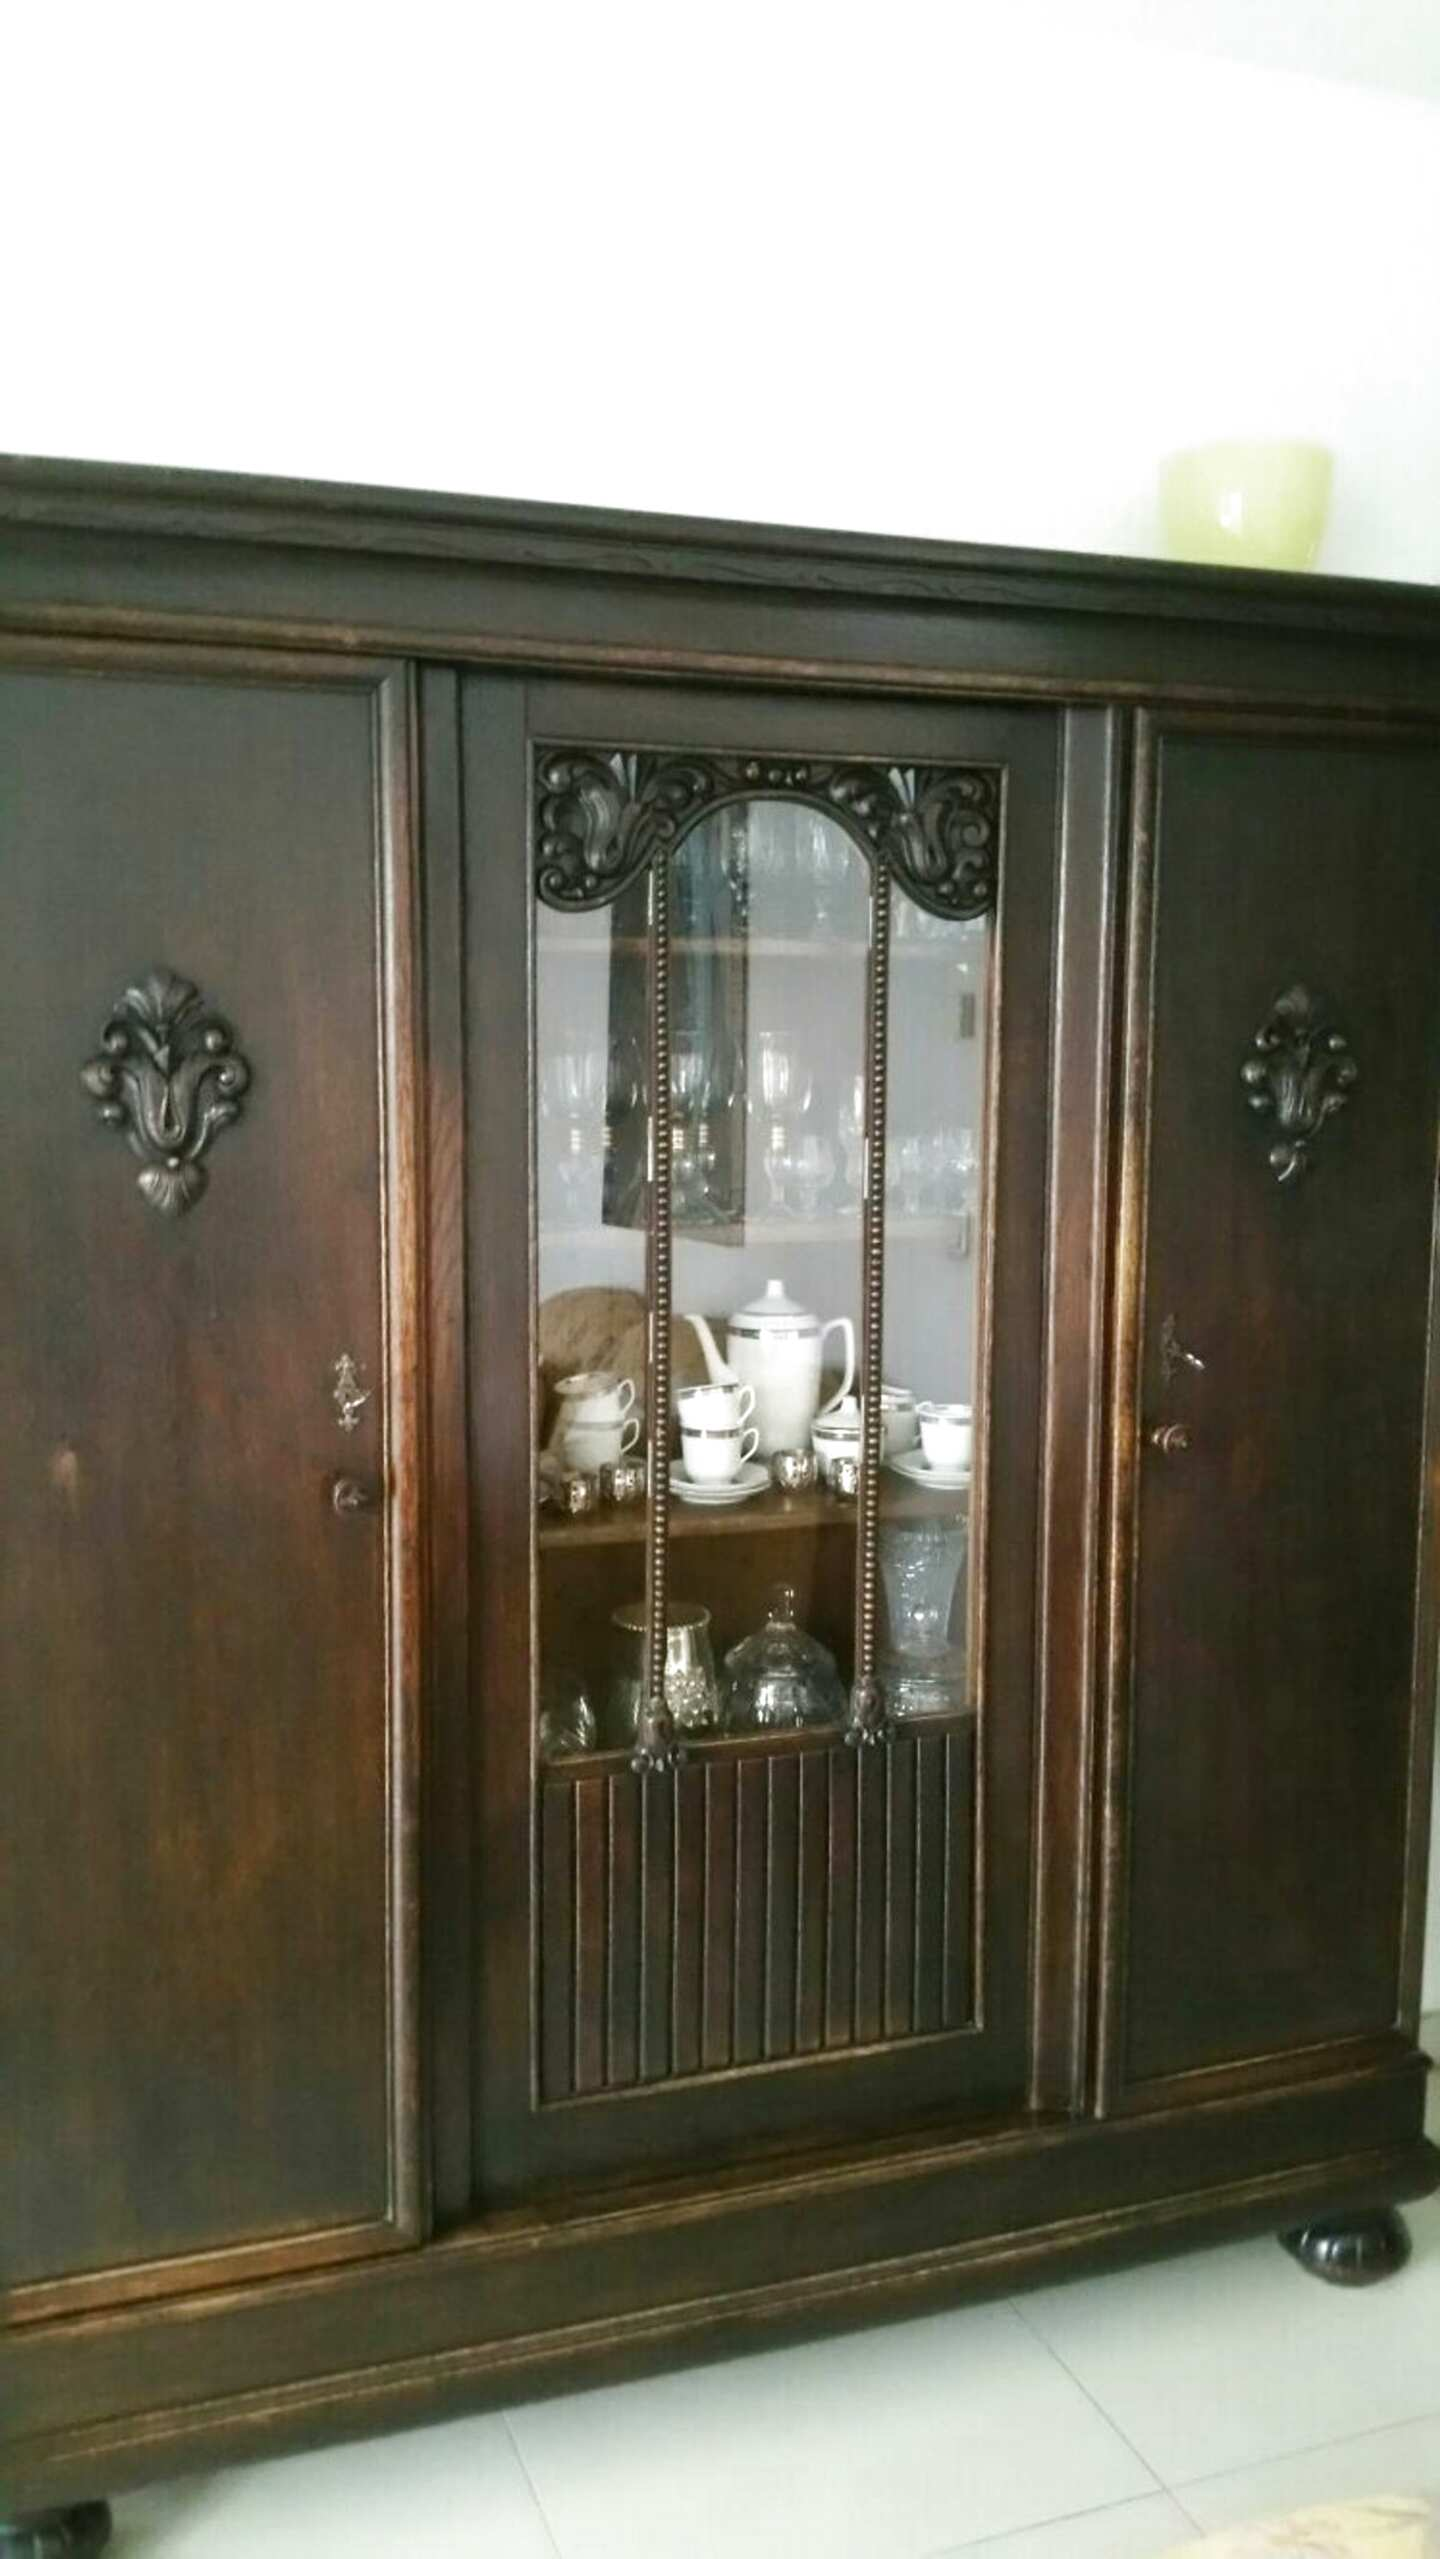 Wohnzimmerschrank Antik gebraucht kaufen! Nur 6 St. bis -6% günstiger